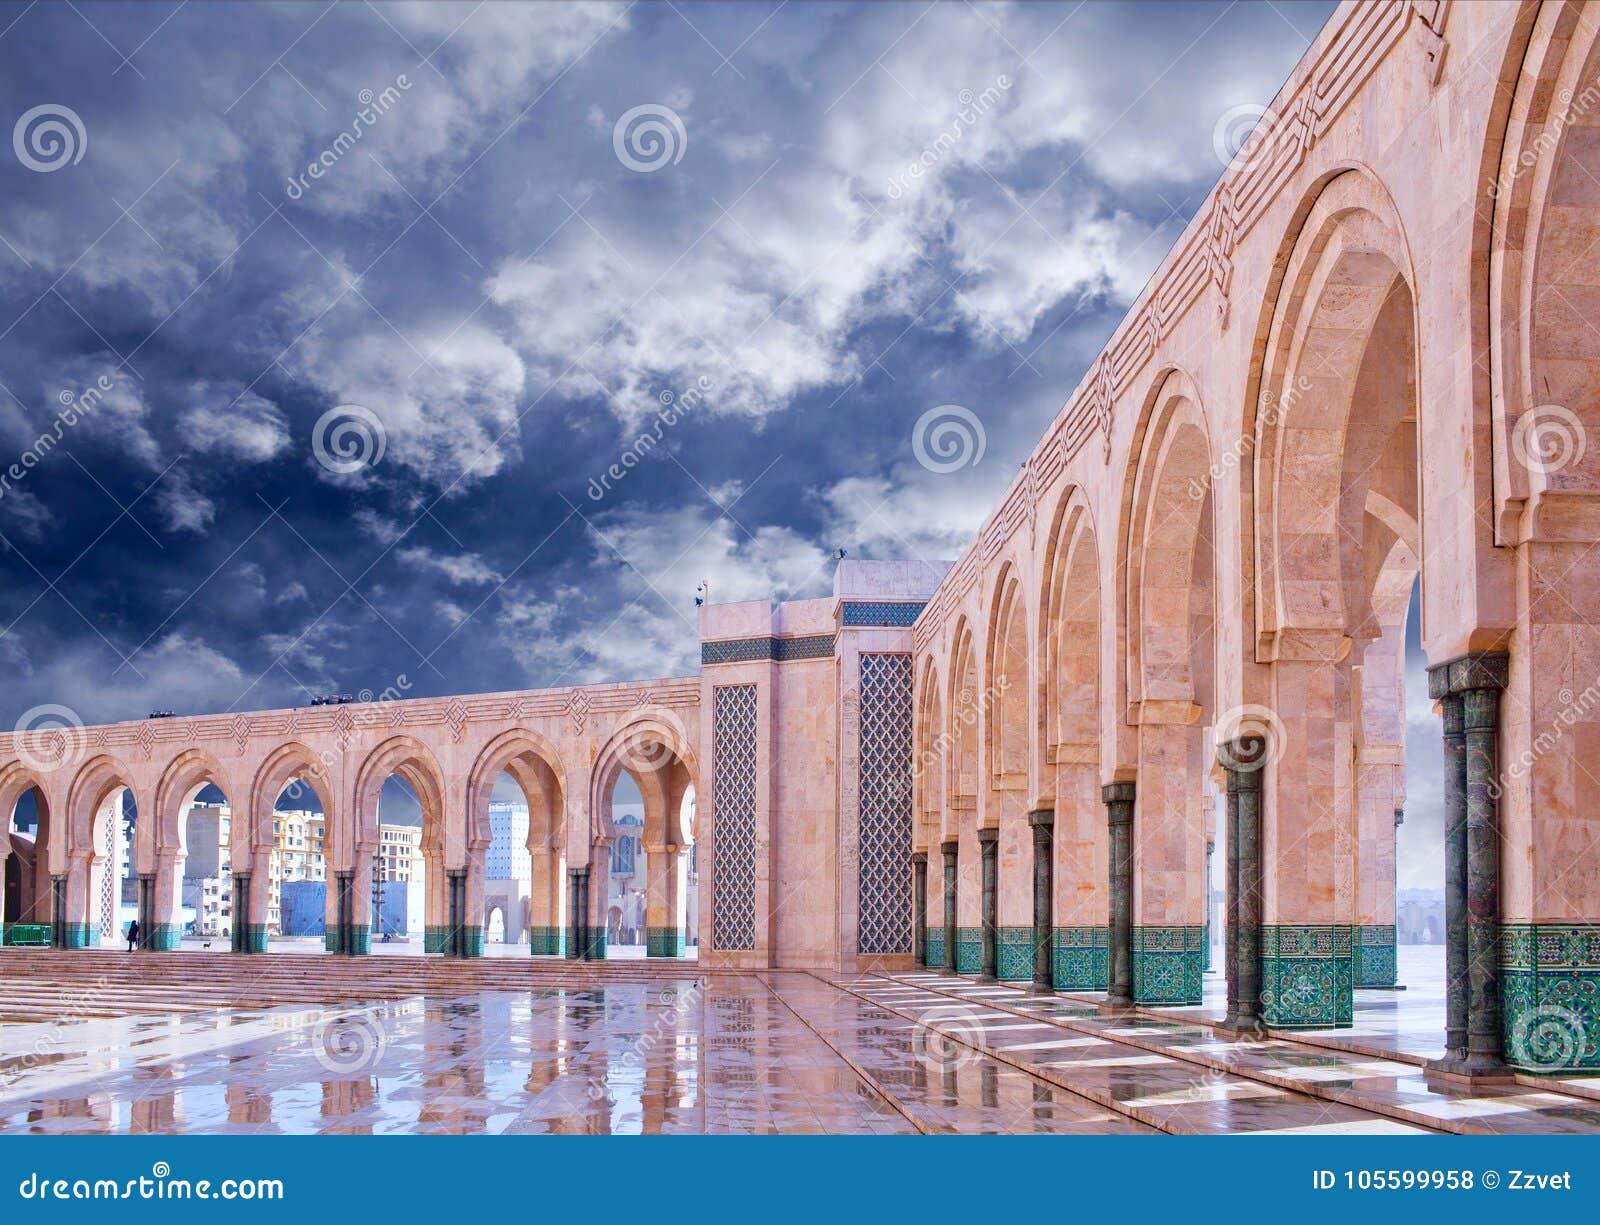 Arkad kolumny w Hassan II meczecie w Casablanca, Maroko